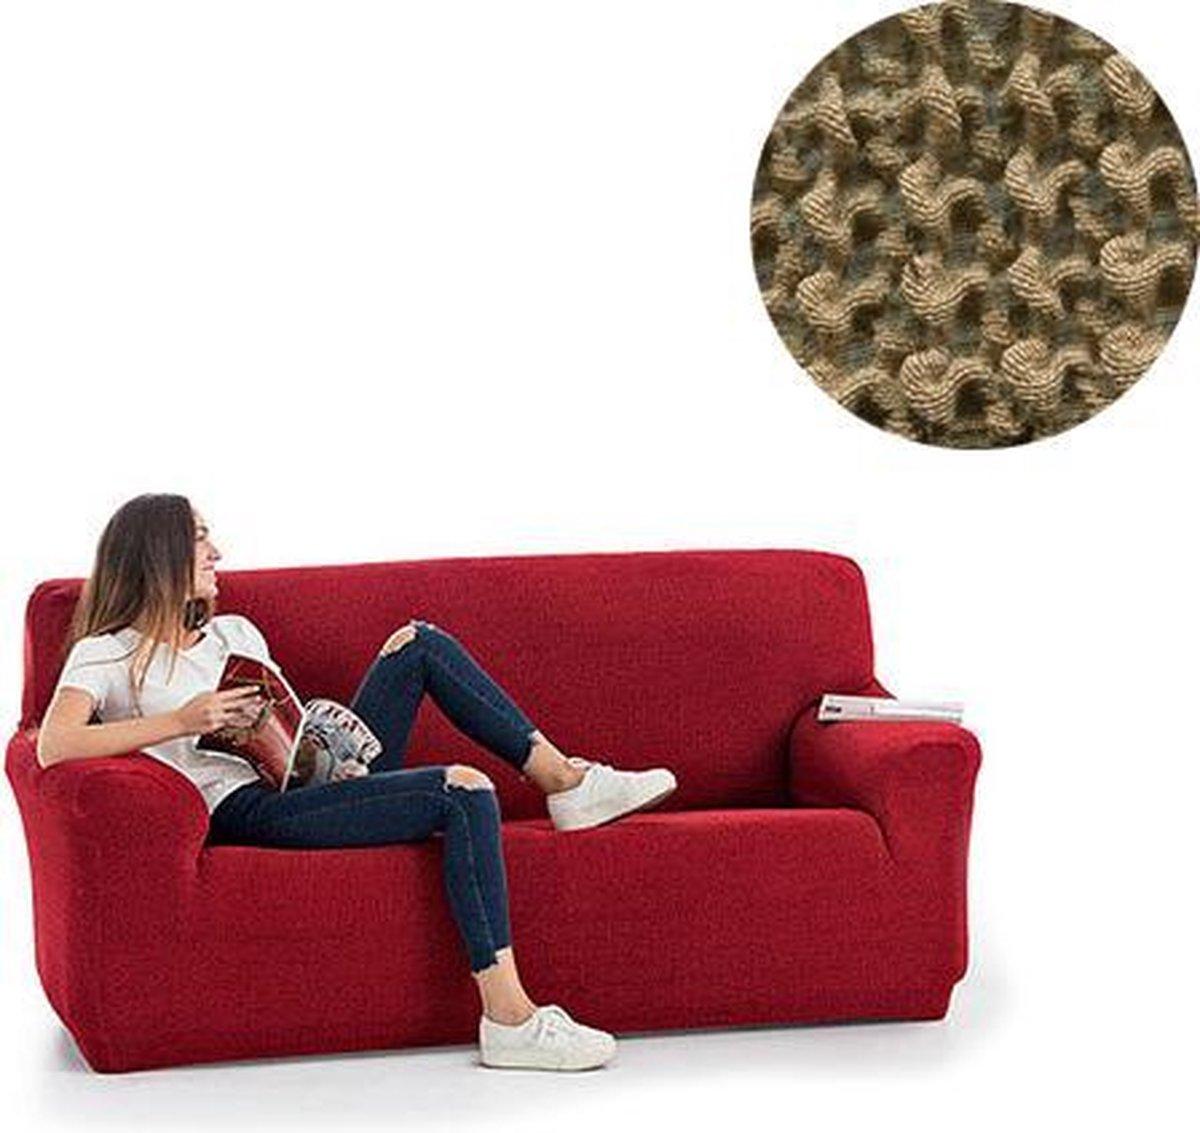 Milos meubelhoezen - Bankhoes - 130-180cm - Beige - Verkrijgbaar in verschillende kleuren!